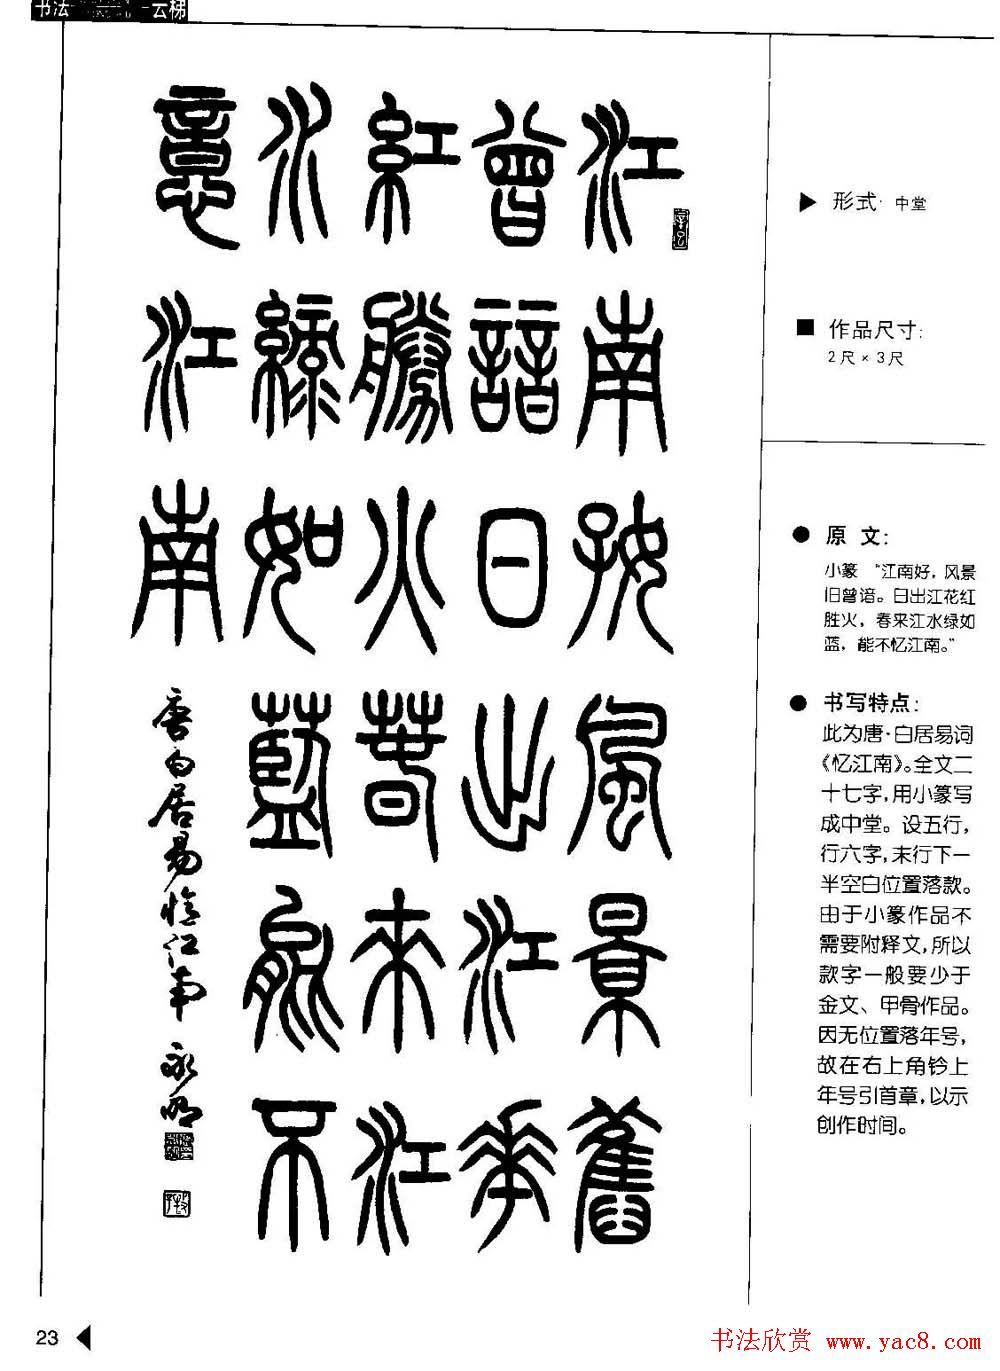 张永明篆书字帖 篆书诗词50例 第25页 篆书字帖 书法欣赏